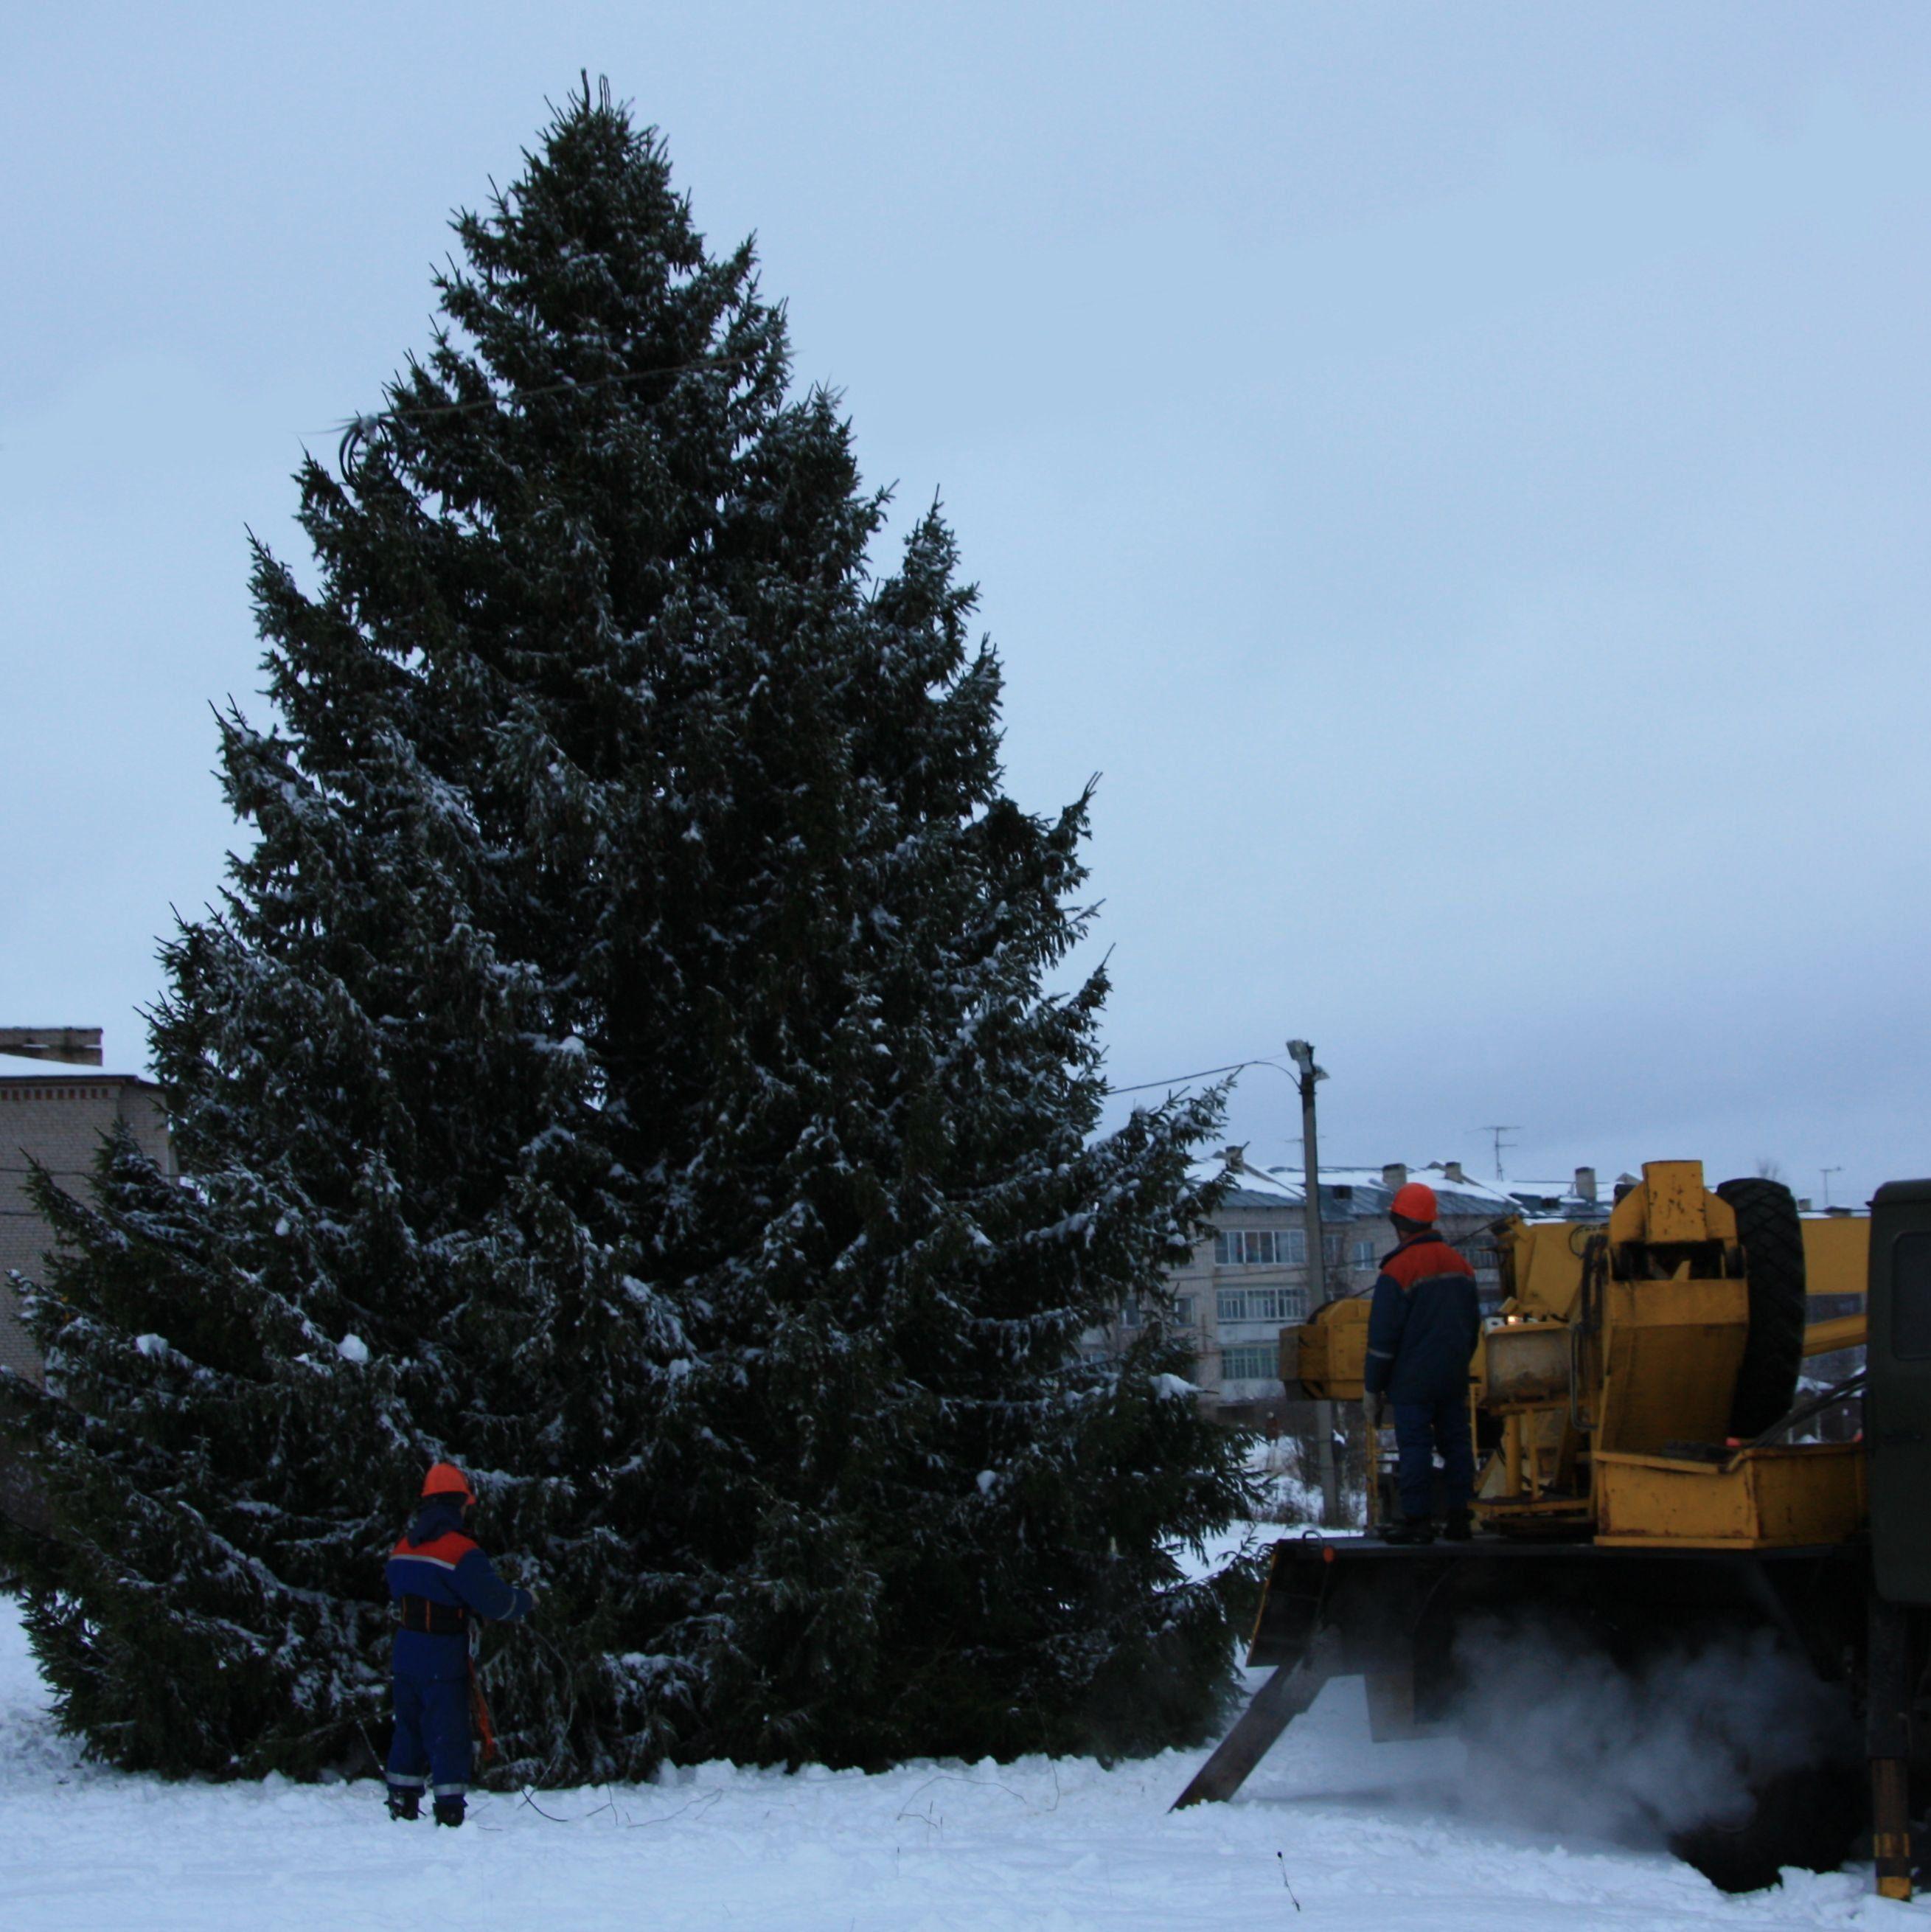 Филиал МРСК Северо-Запада «Вологдаэнерго» устанавливает новогодние ёлки во всех производственных отделениях